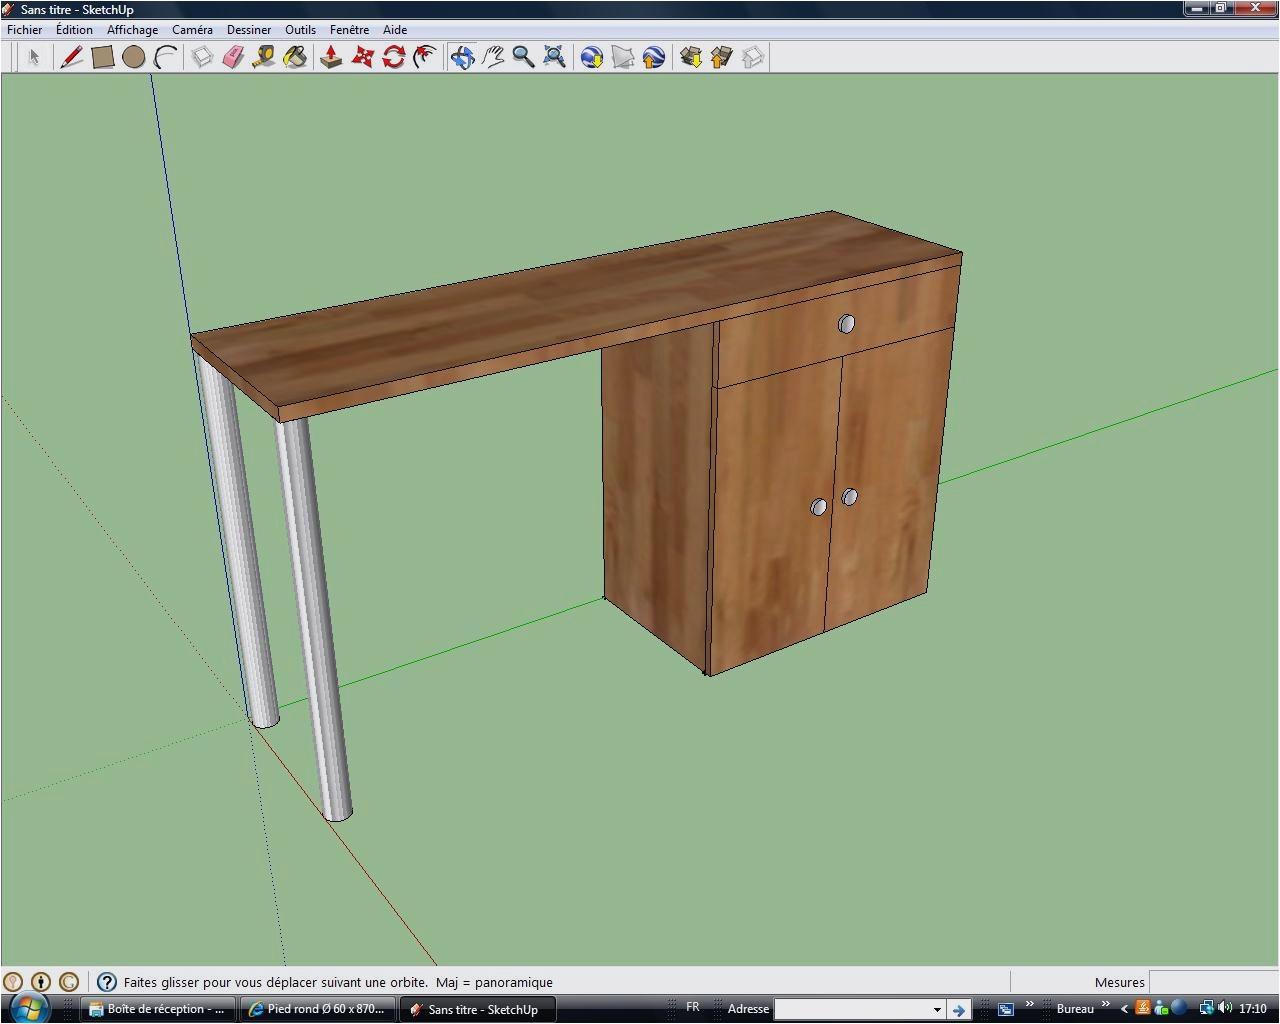 plan de travail avec pied pour cuisine lille. Black Bedroom Furniture Sets. Home Design Ideas